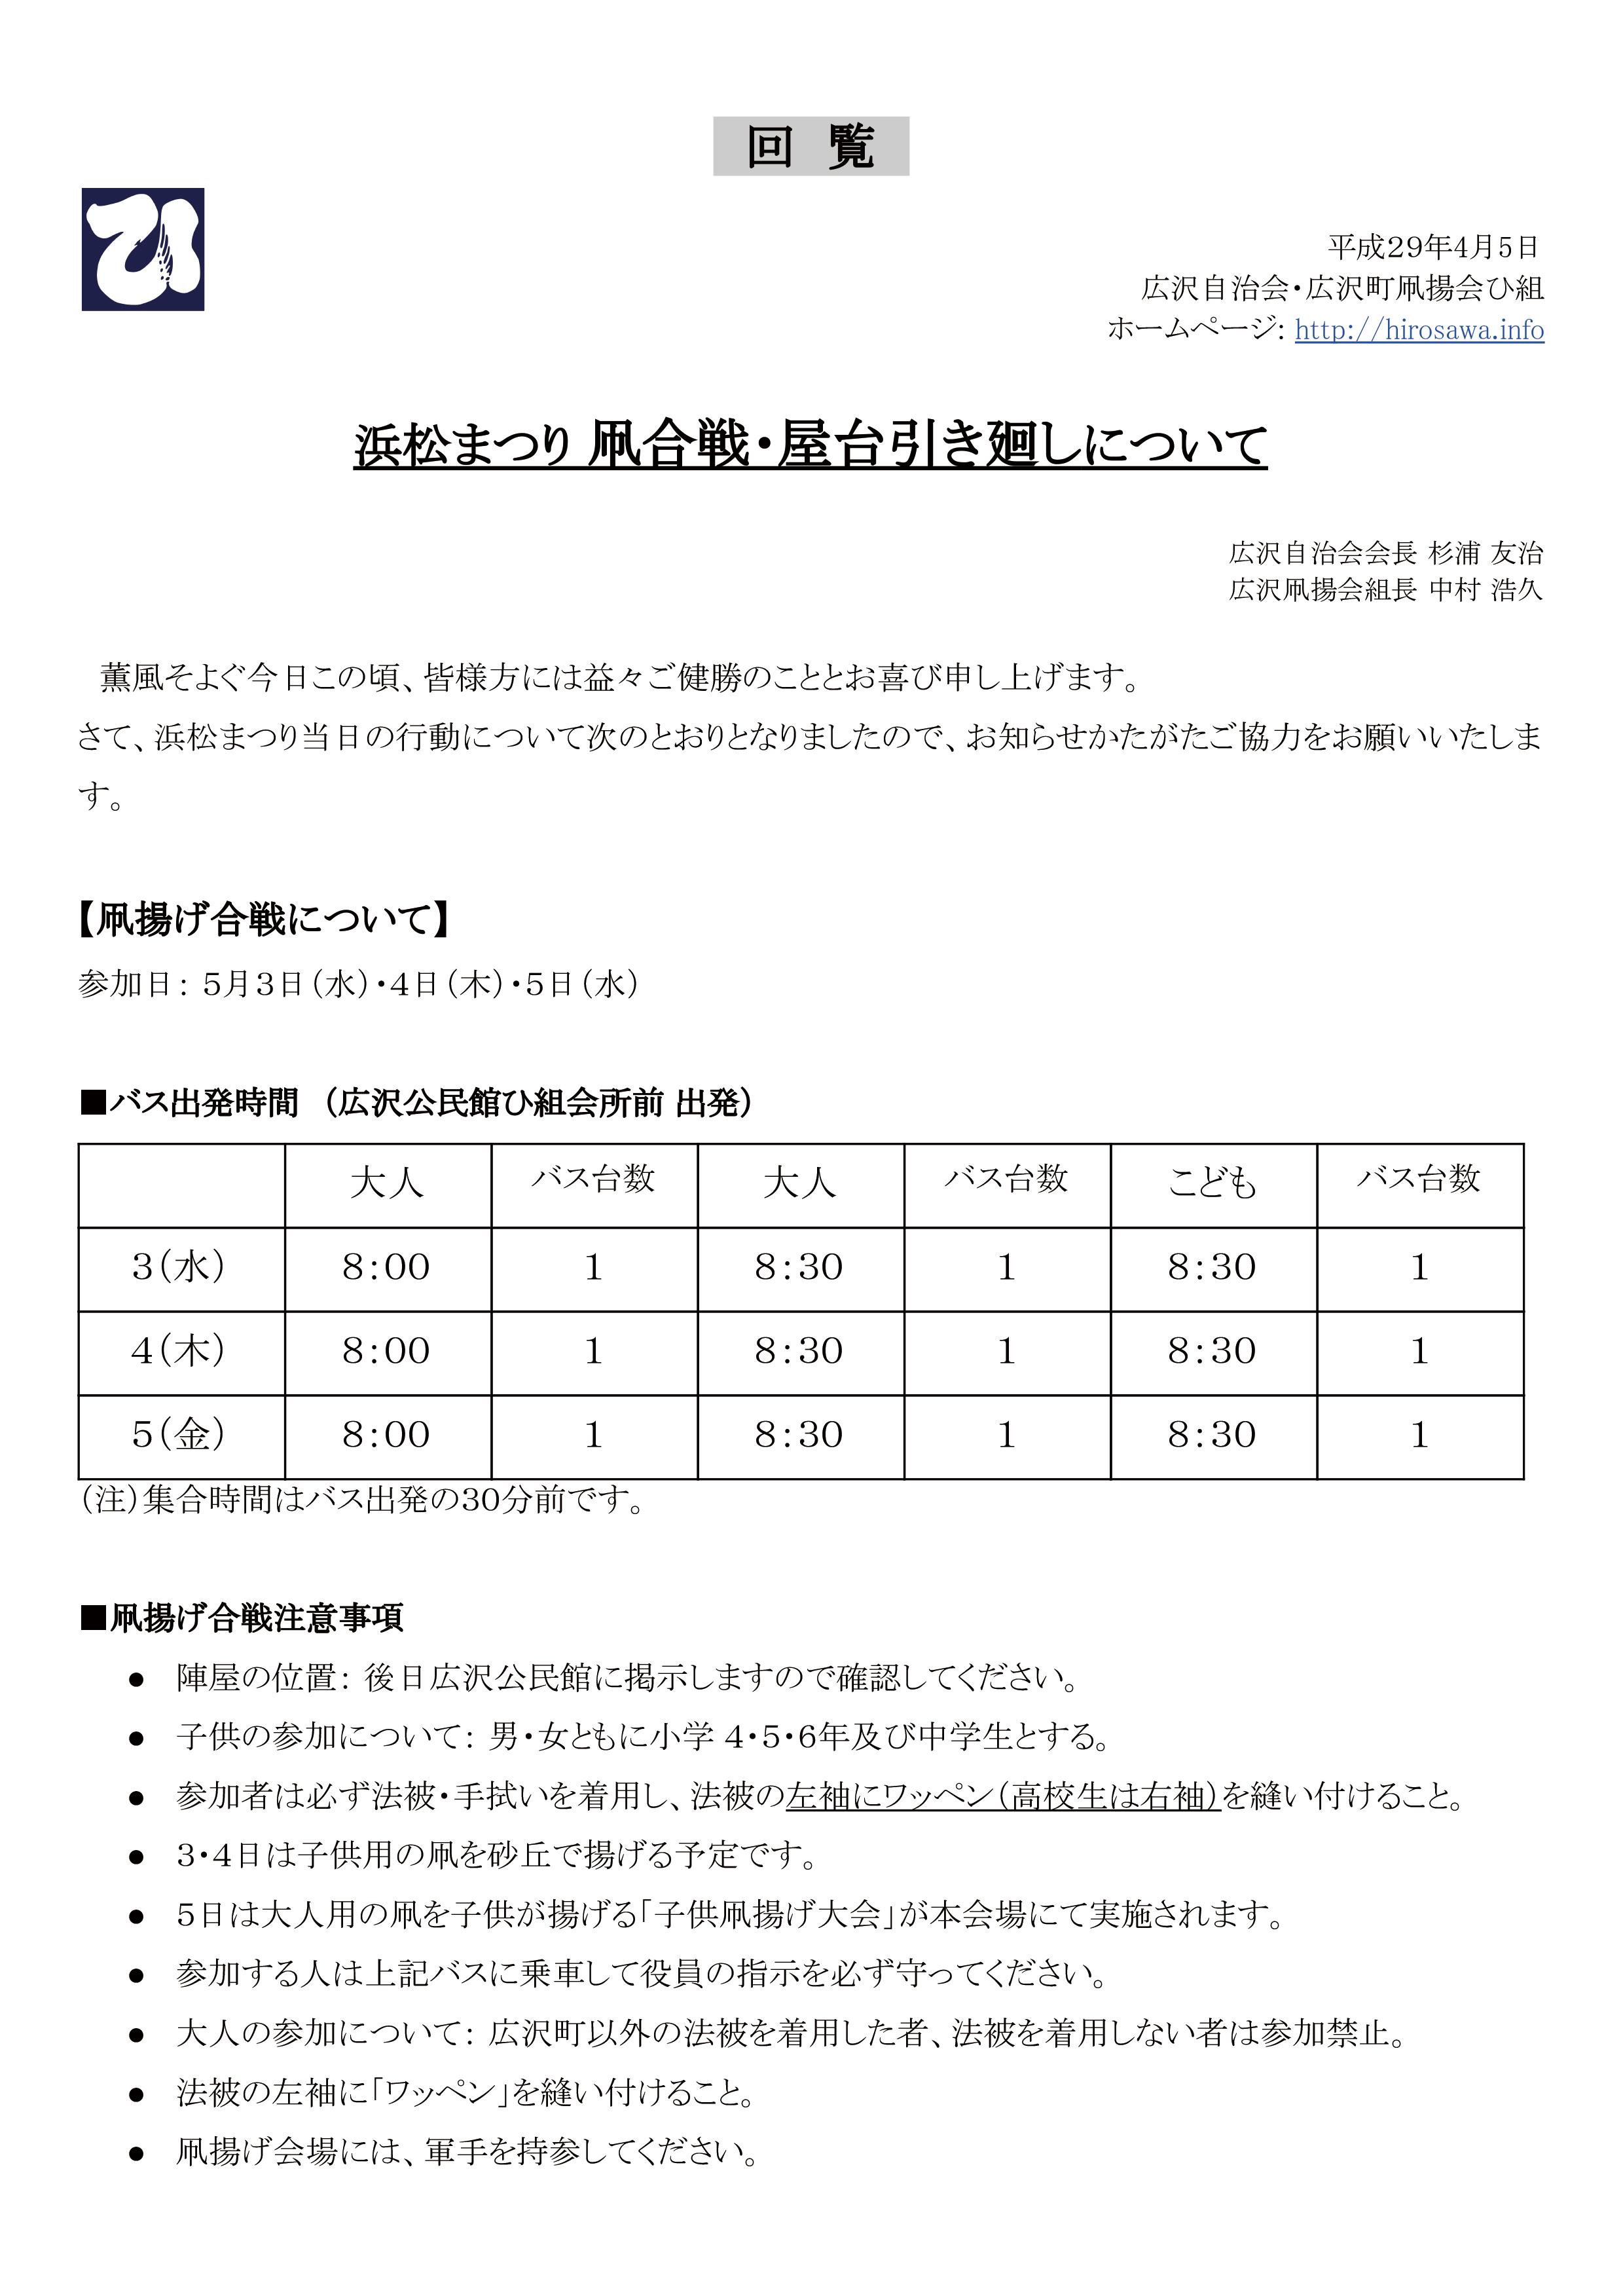 【回覧資料】平成29年4月5日 凧合戦・屋台引廻しについて、ワッペン・法被・提灯の販売について、高校生の保護者の方々へ